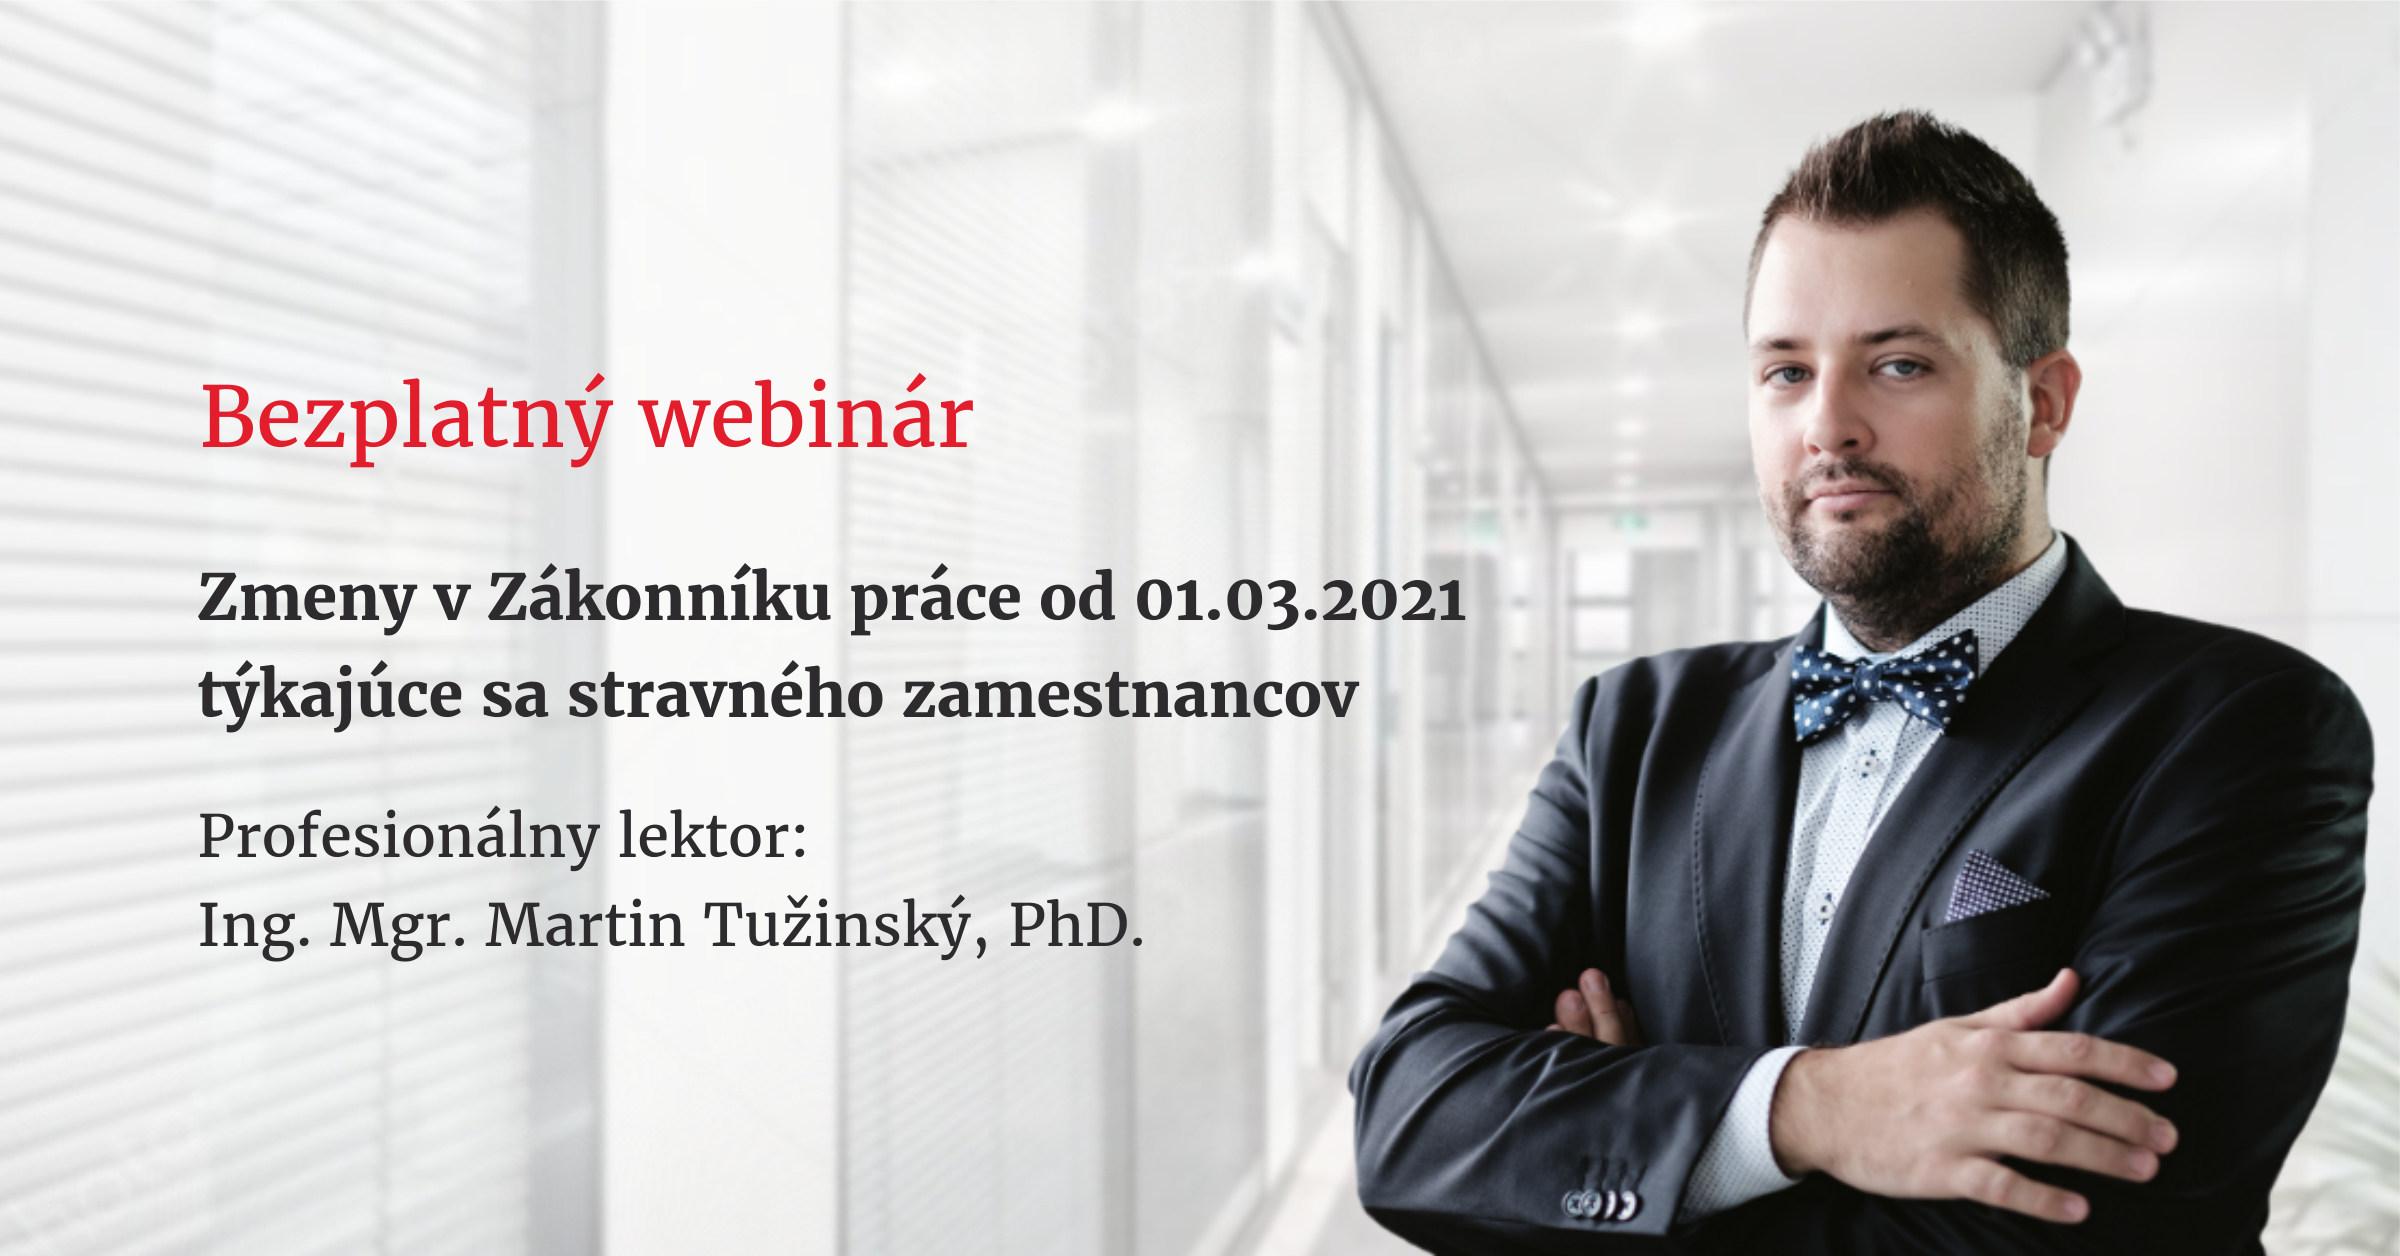 doxx fb udalost webinar2 - Záznam školenia a články M. Tužinského